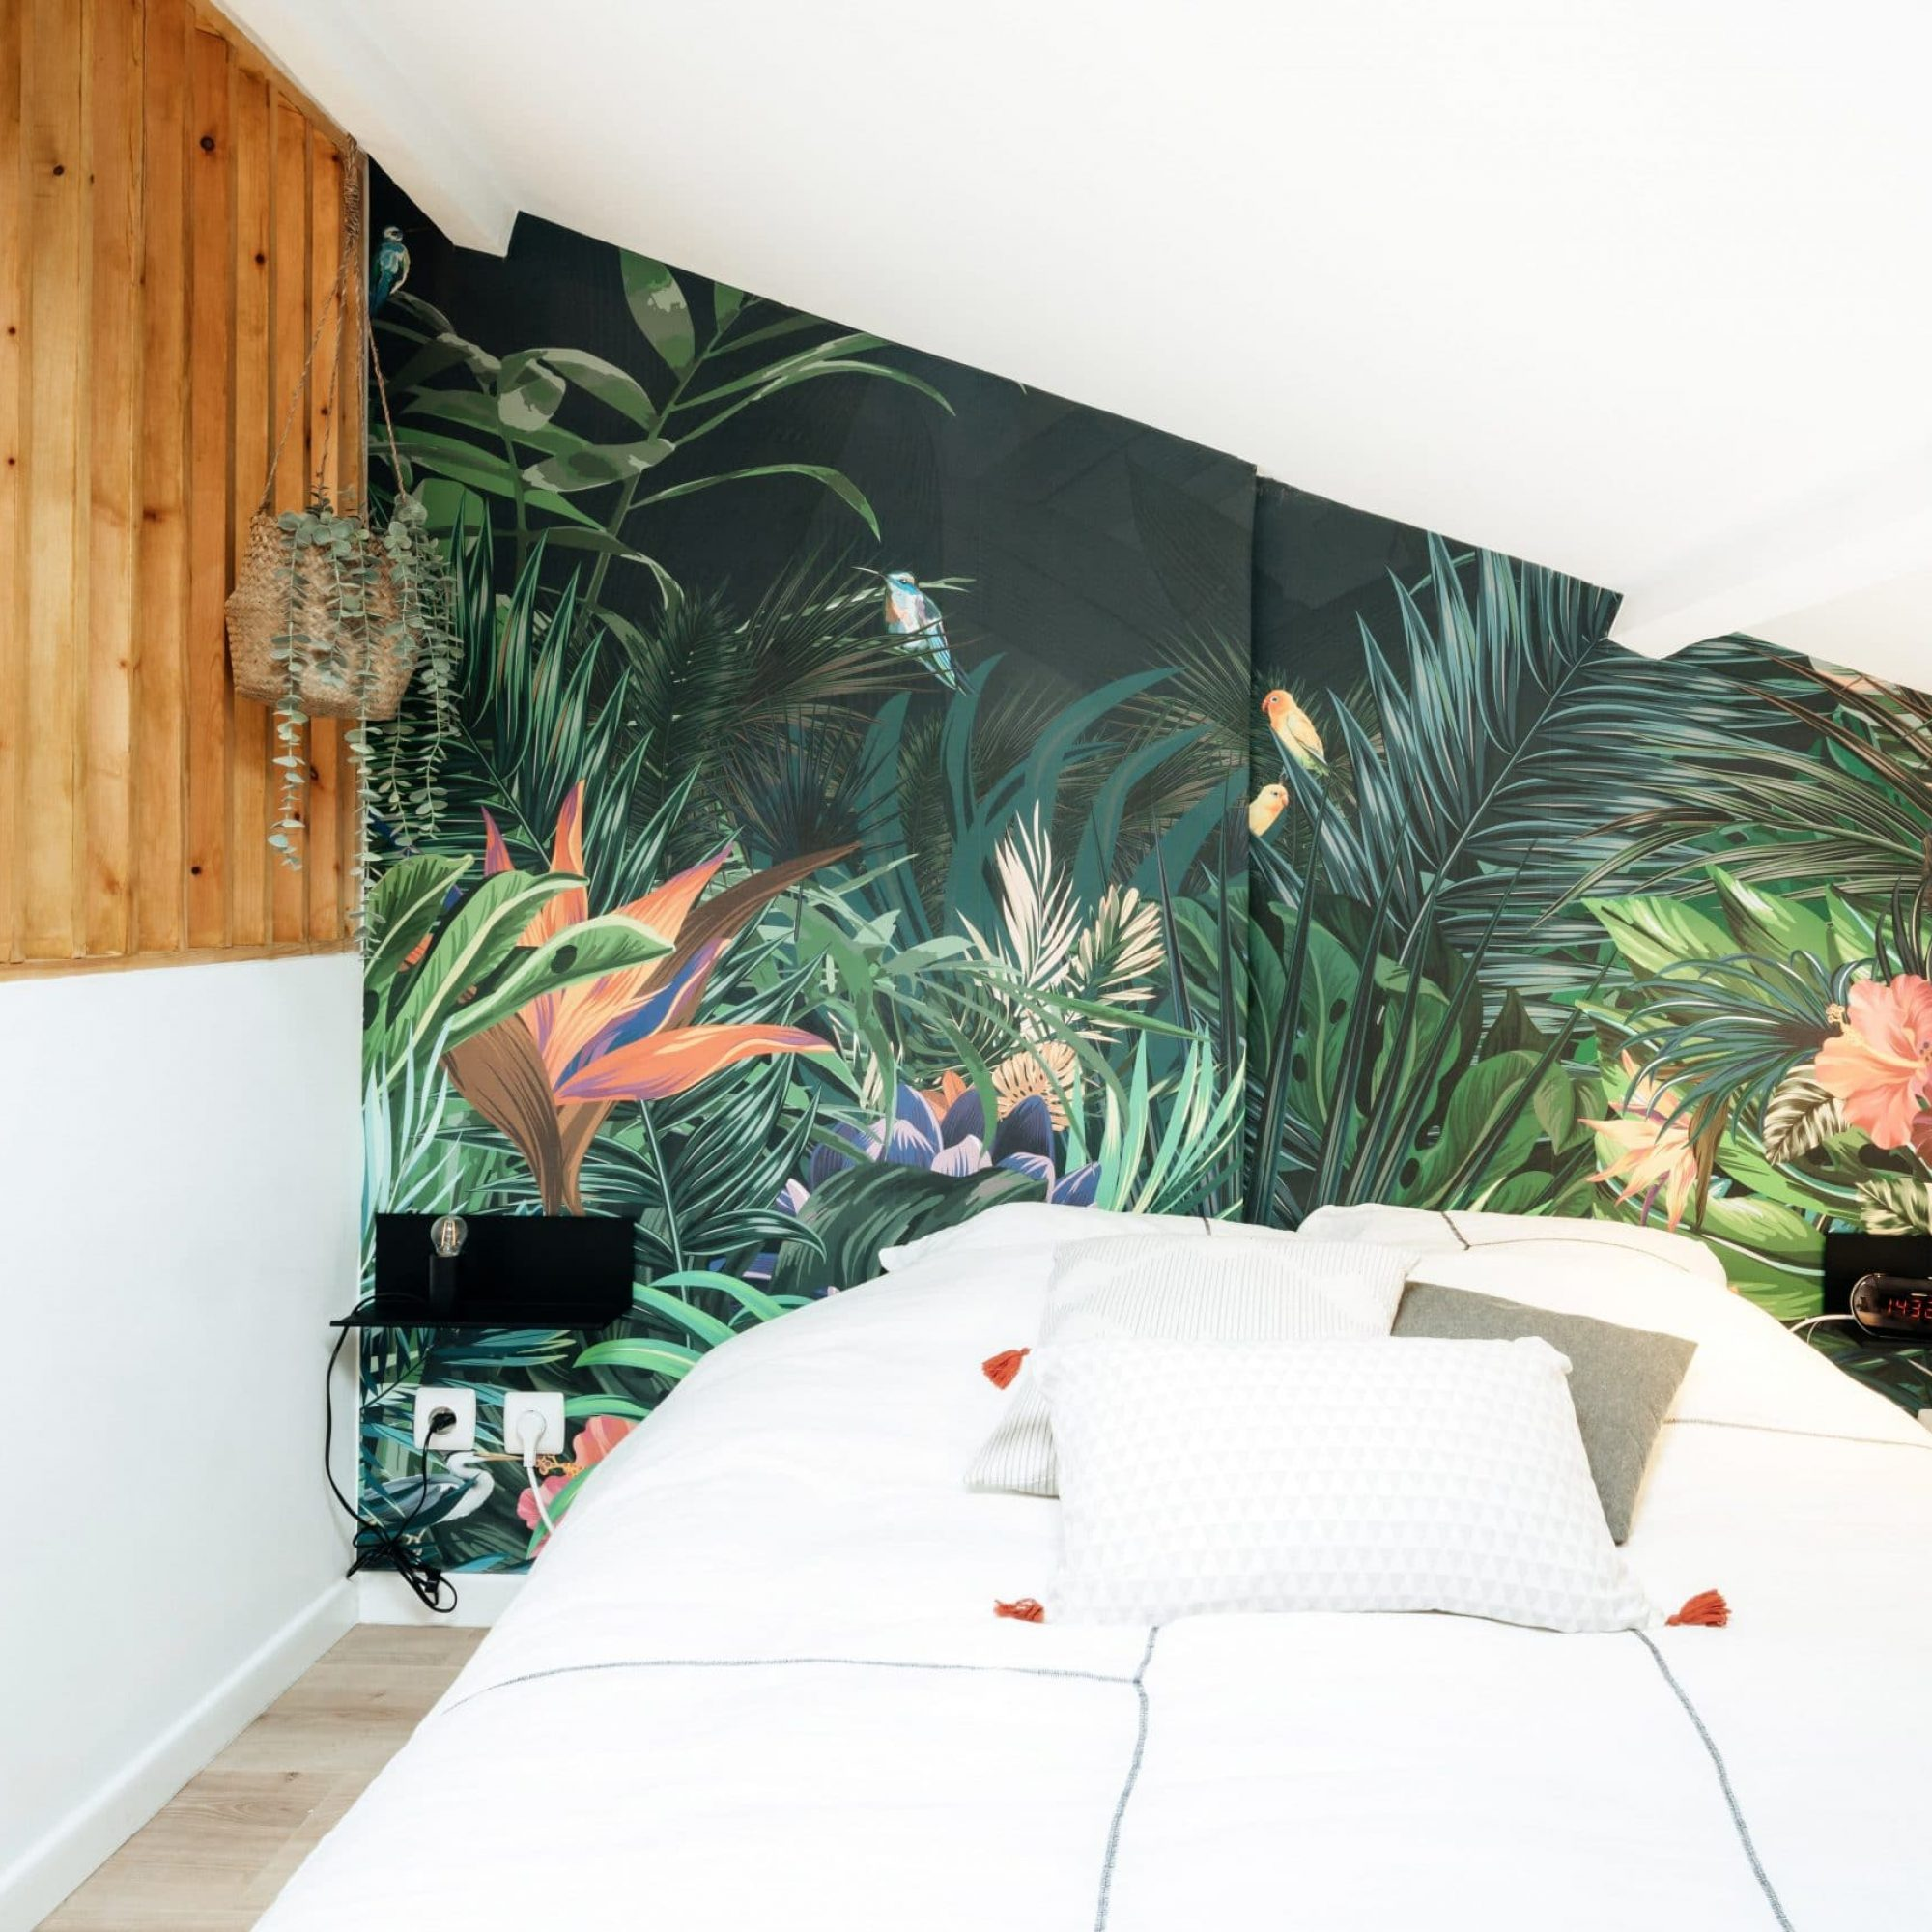 sousletoit-renovation-jeremydugas-architecte-interieur-decoration-travaux-aménagement-montpellier-herault-papier-peint-jungle-wood-claustra